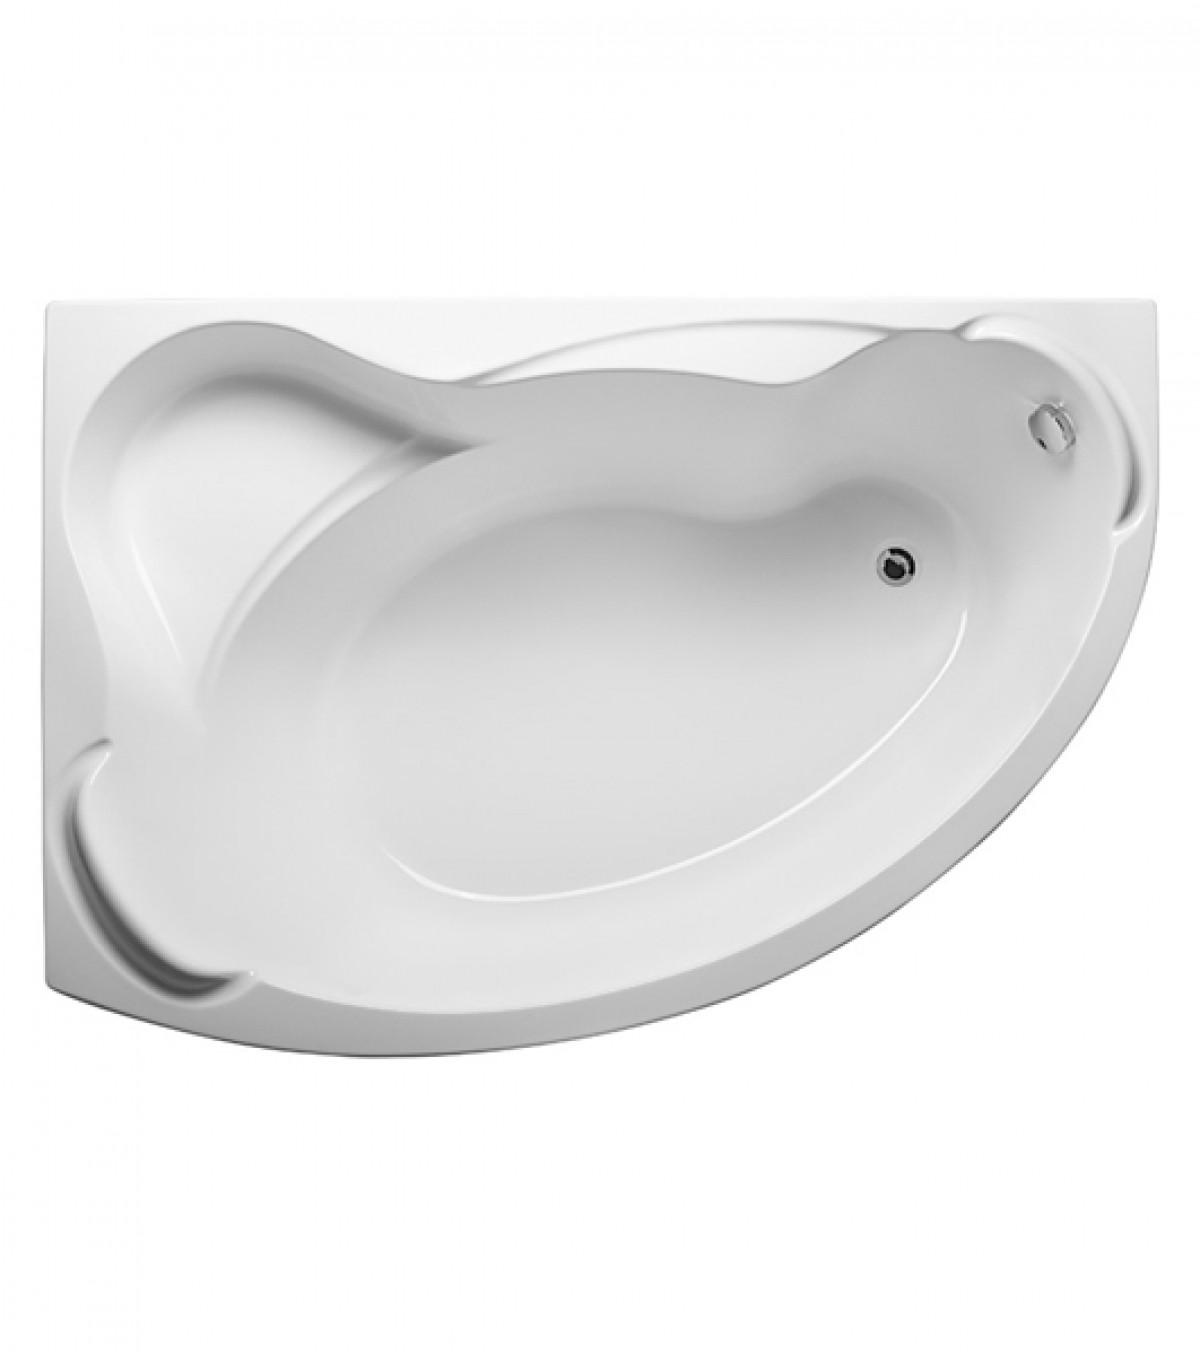 Ванна Catania 150x105 (Правая) без гидромассажа